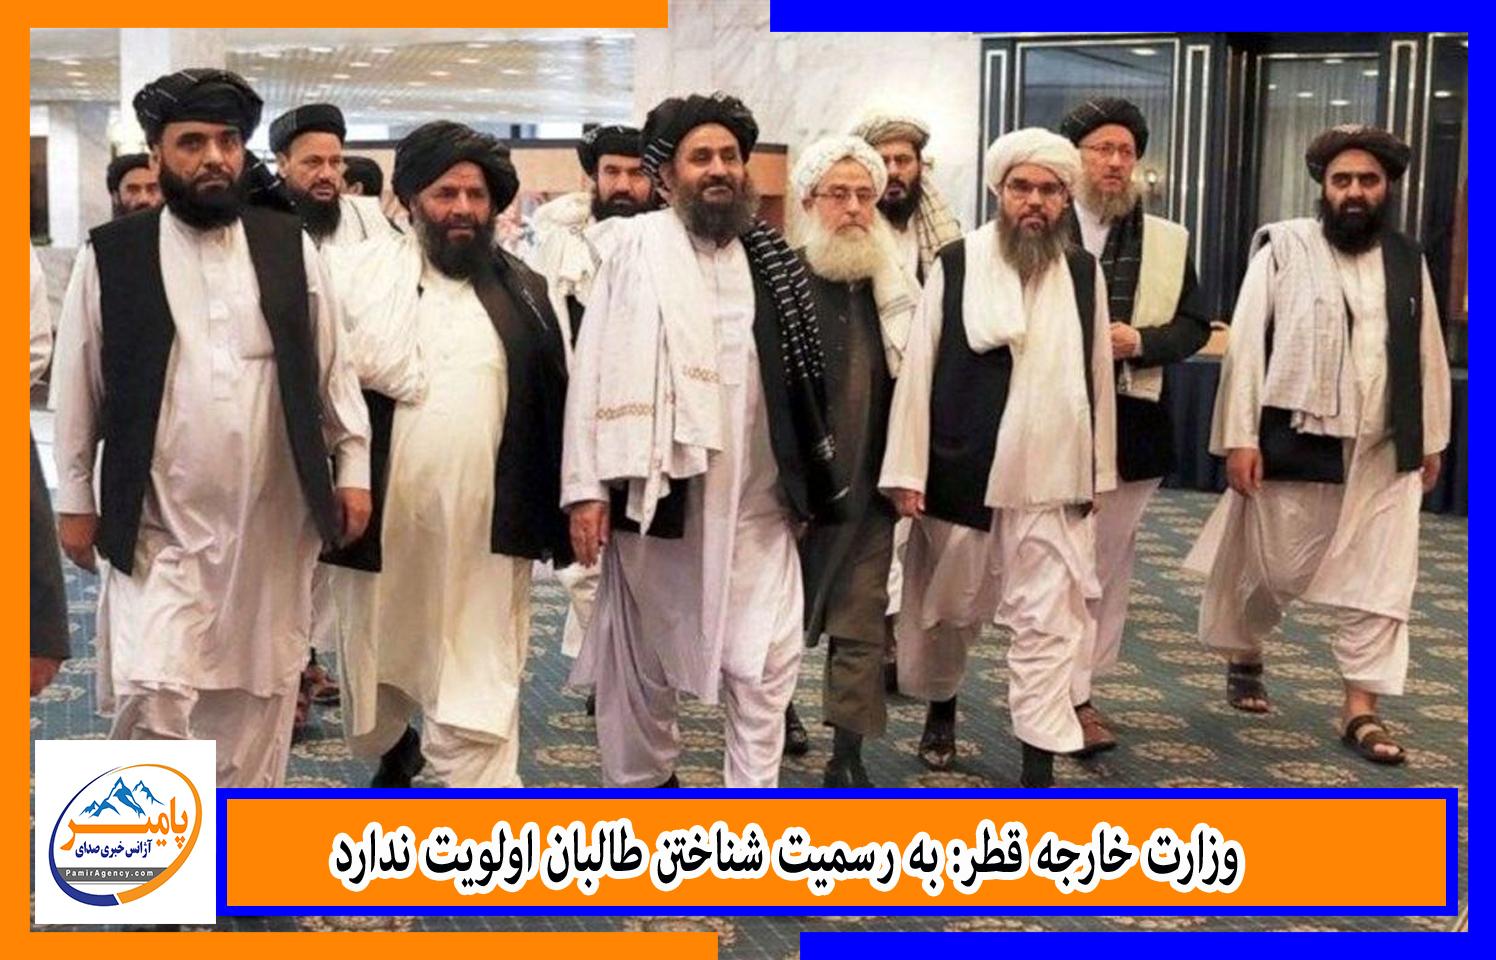 وزارت خارجه قطر: به رسمیت شناختن طالبان اولویت ندارد